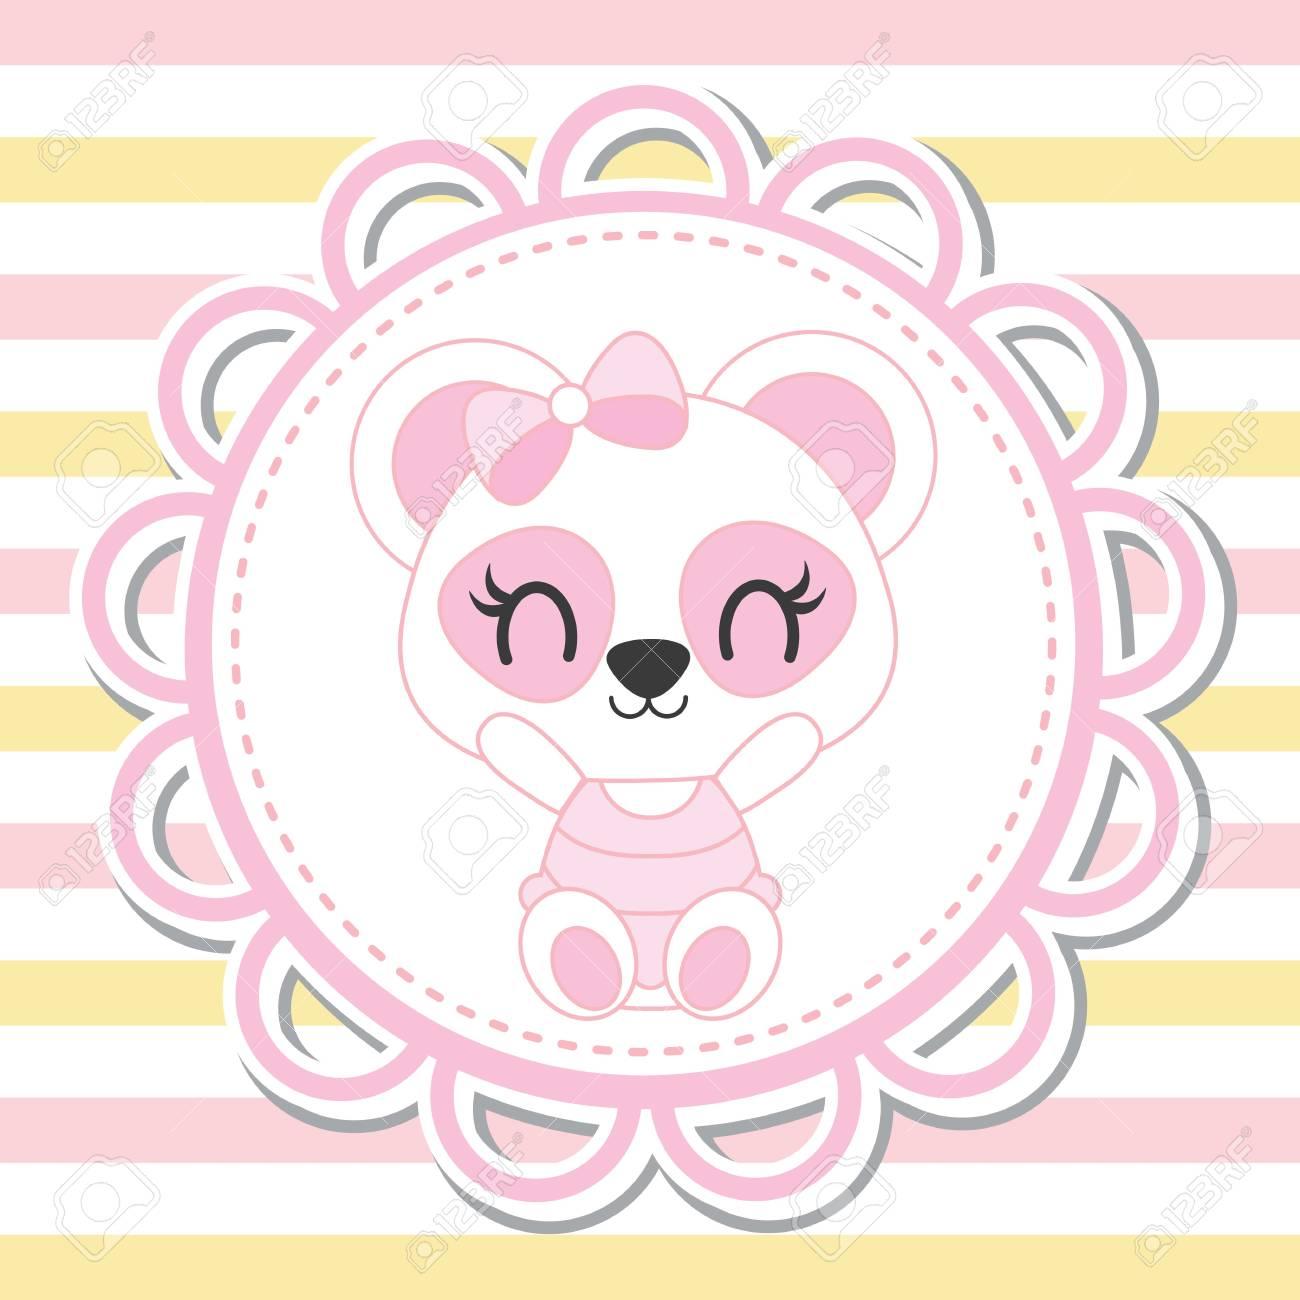 Joli Bébé Panda En Fleur Cadre Sur Fond Rayé Vector Illustration De Dessin Animé Pour La Conception De Carte De Douche De Bébé Conception De T Shirt